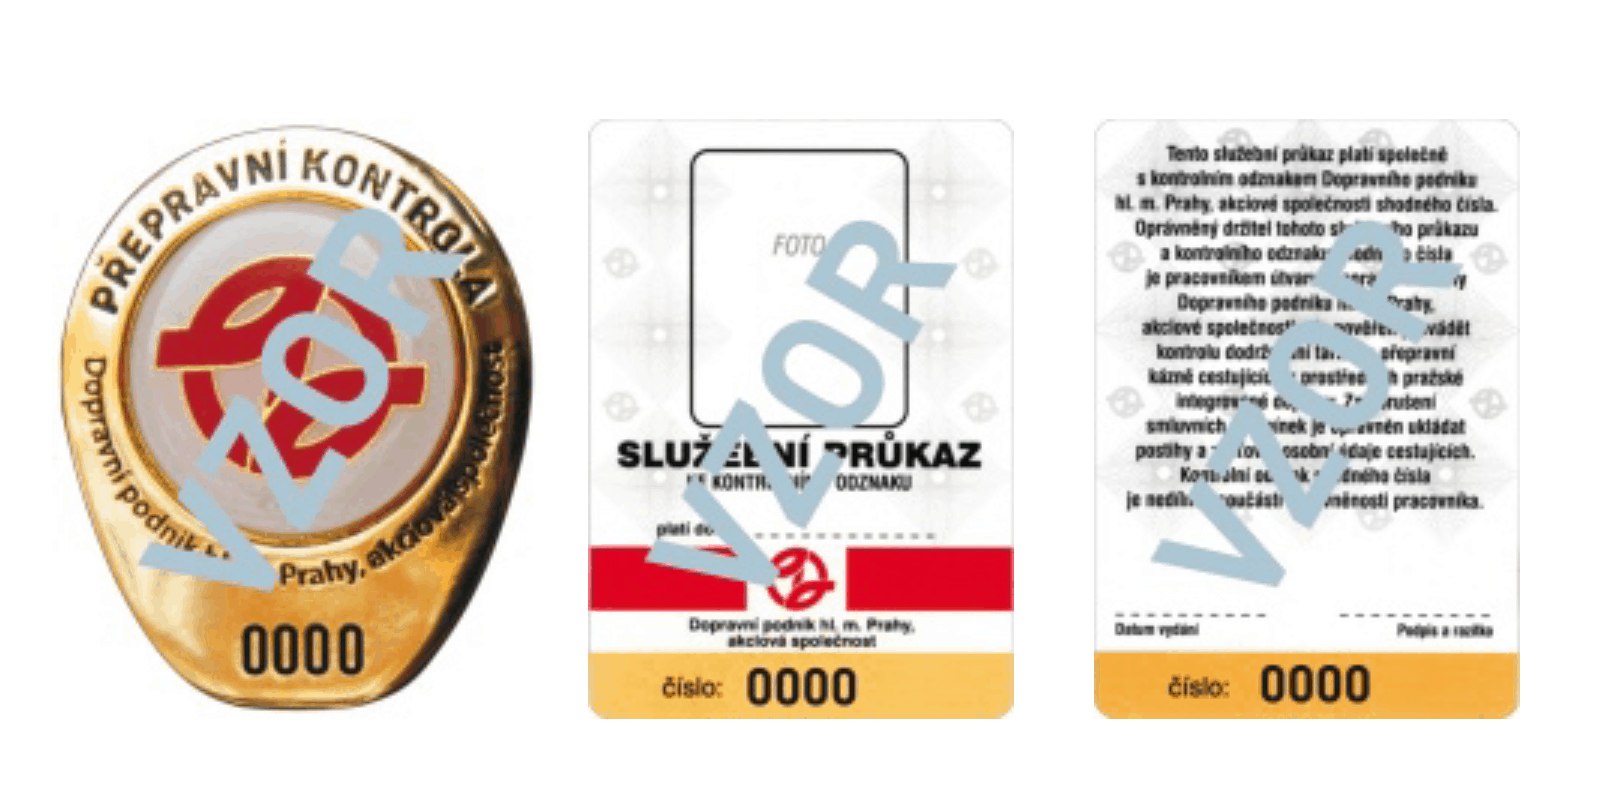 Образцы опознавательных знаков уполномоченных сотрудников PID